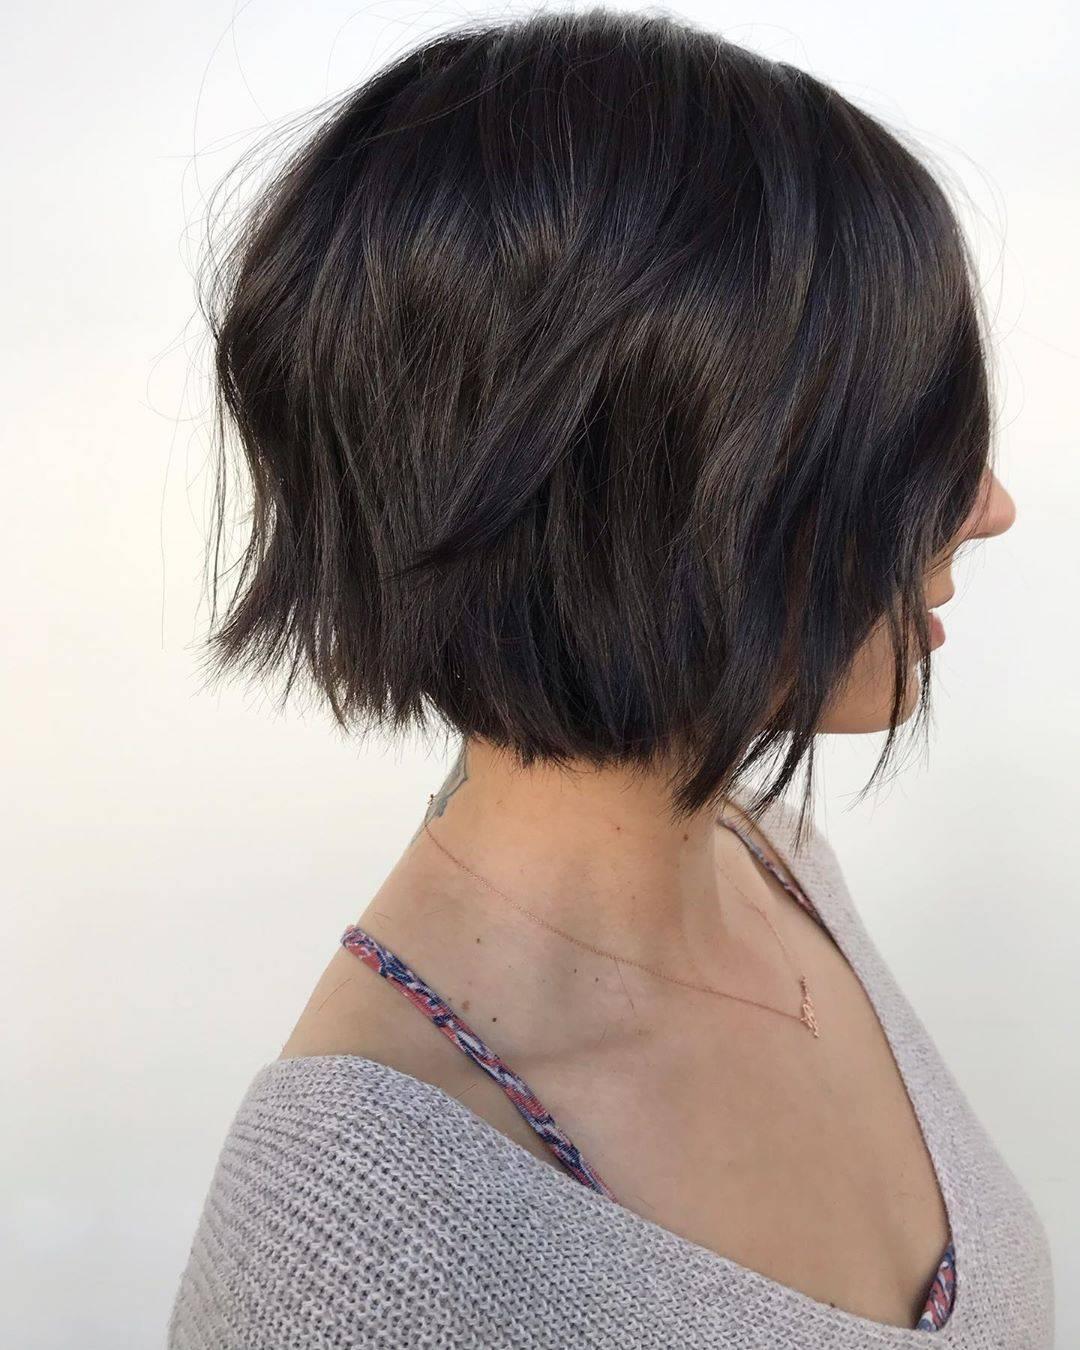 Стрижка каре на короткие волосы. 120 стильных вариантов с фото